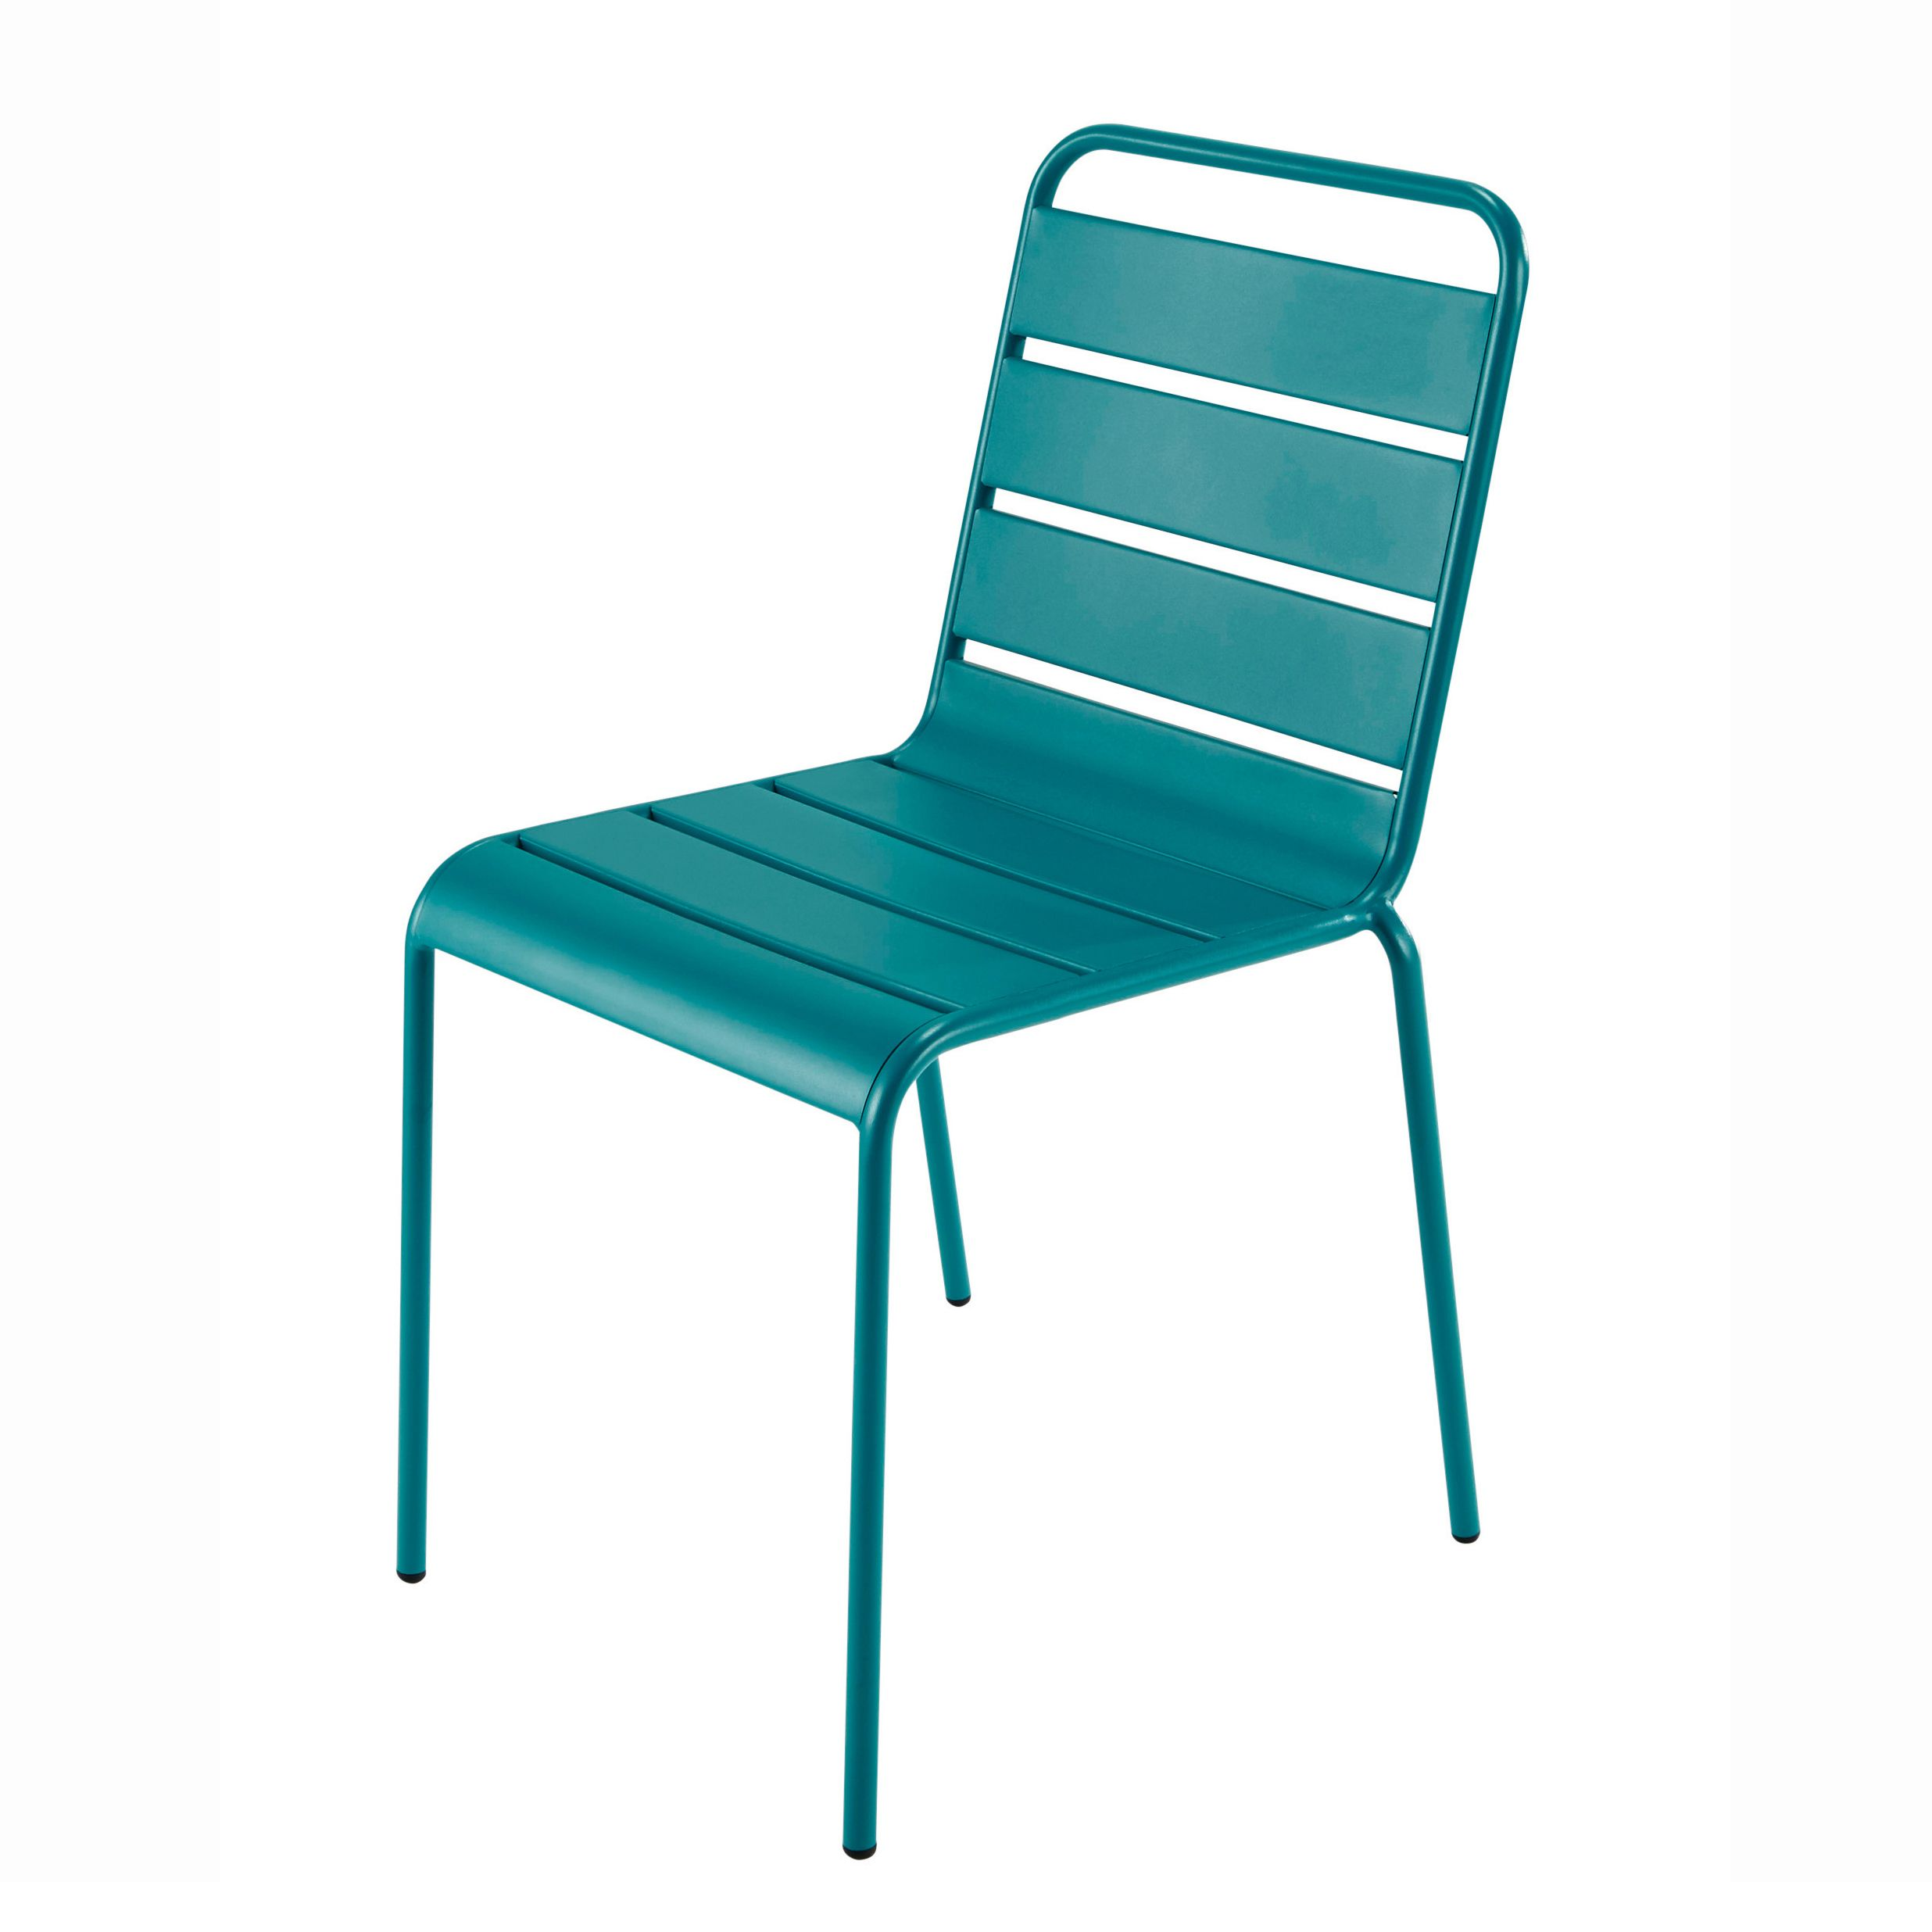 Chaise de jardin en métal bleu canard | Balcon | Chaise jardin metal ...